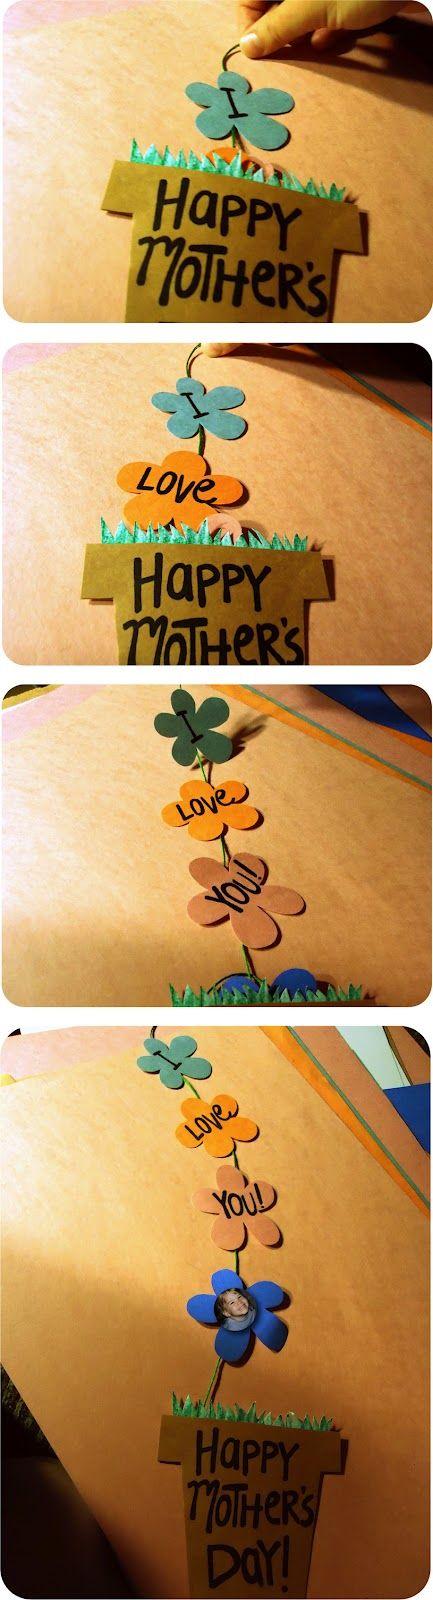 Mami ¿te ayudo?: día de la madre